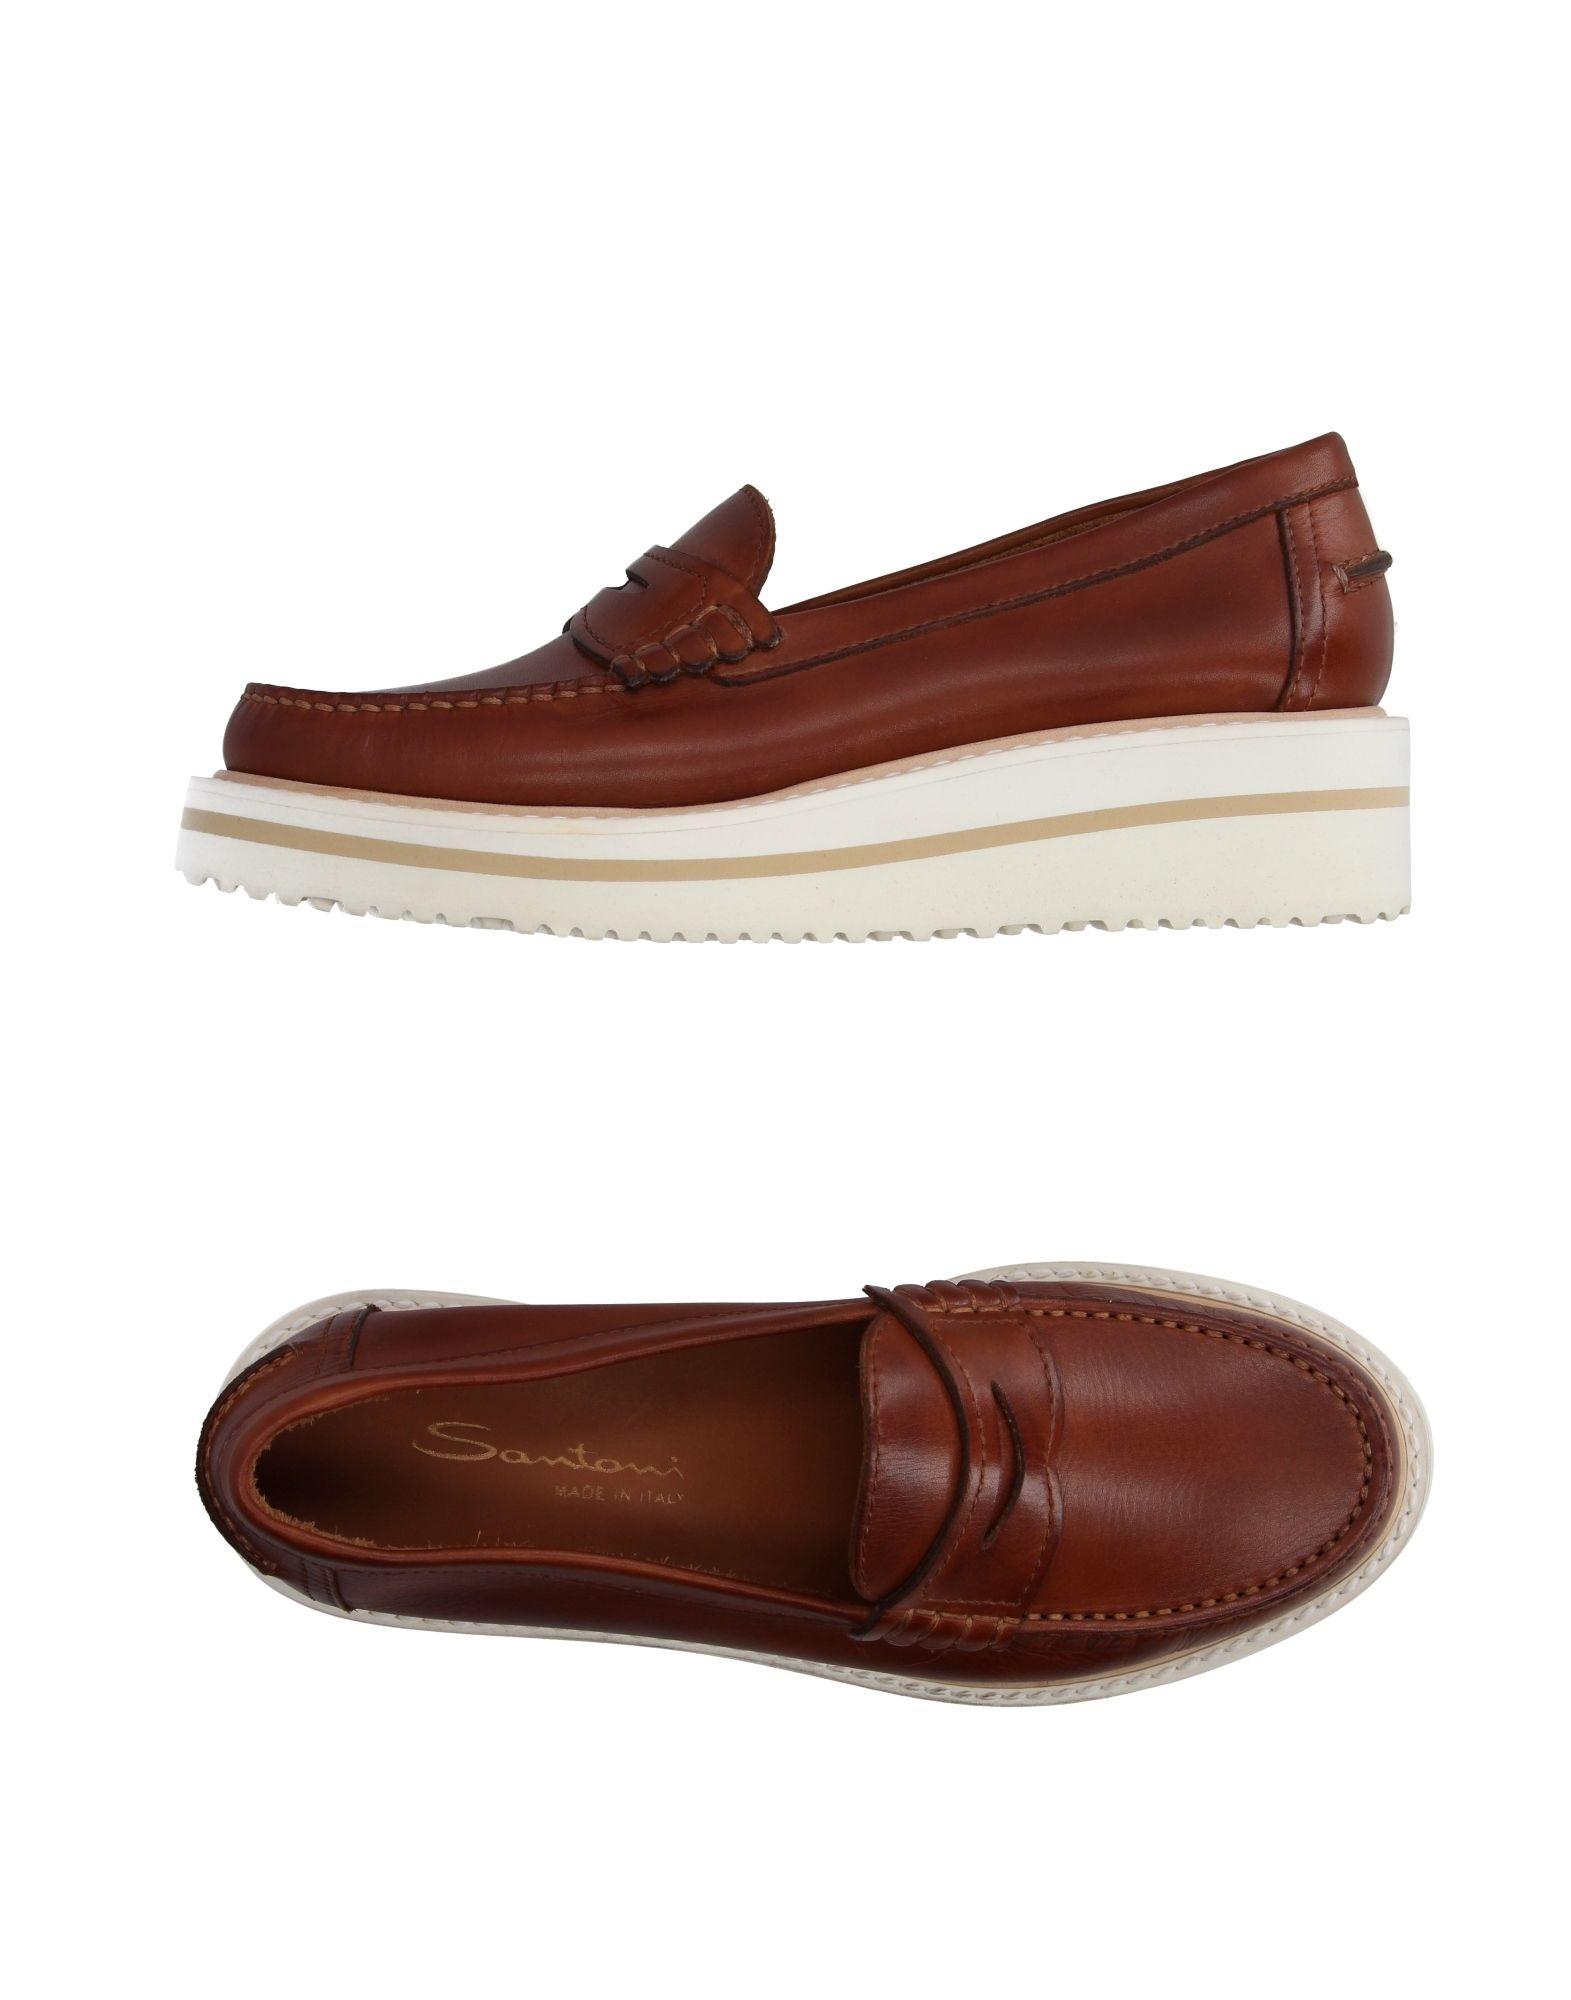 Rabatt Schuhe Santoni Mokassins Damen  11010169DV